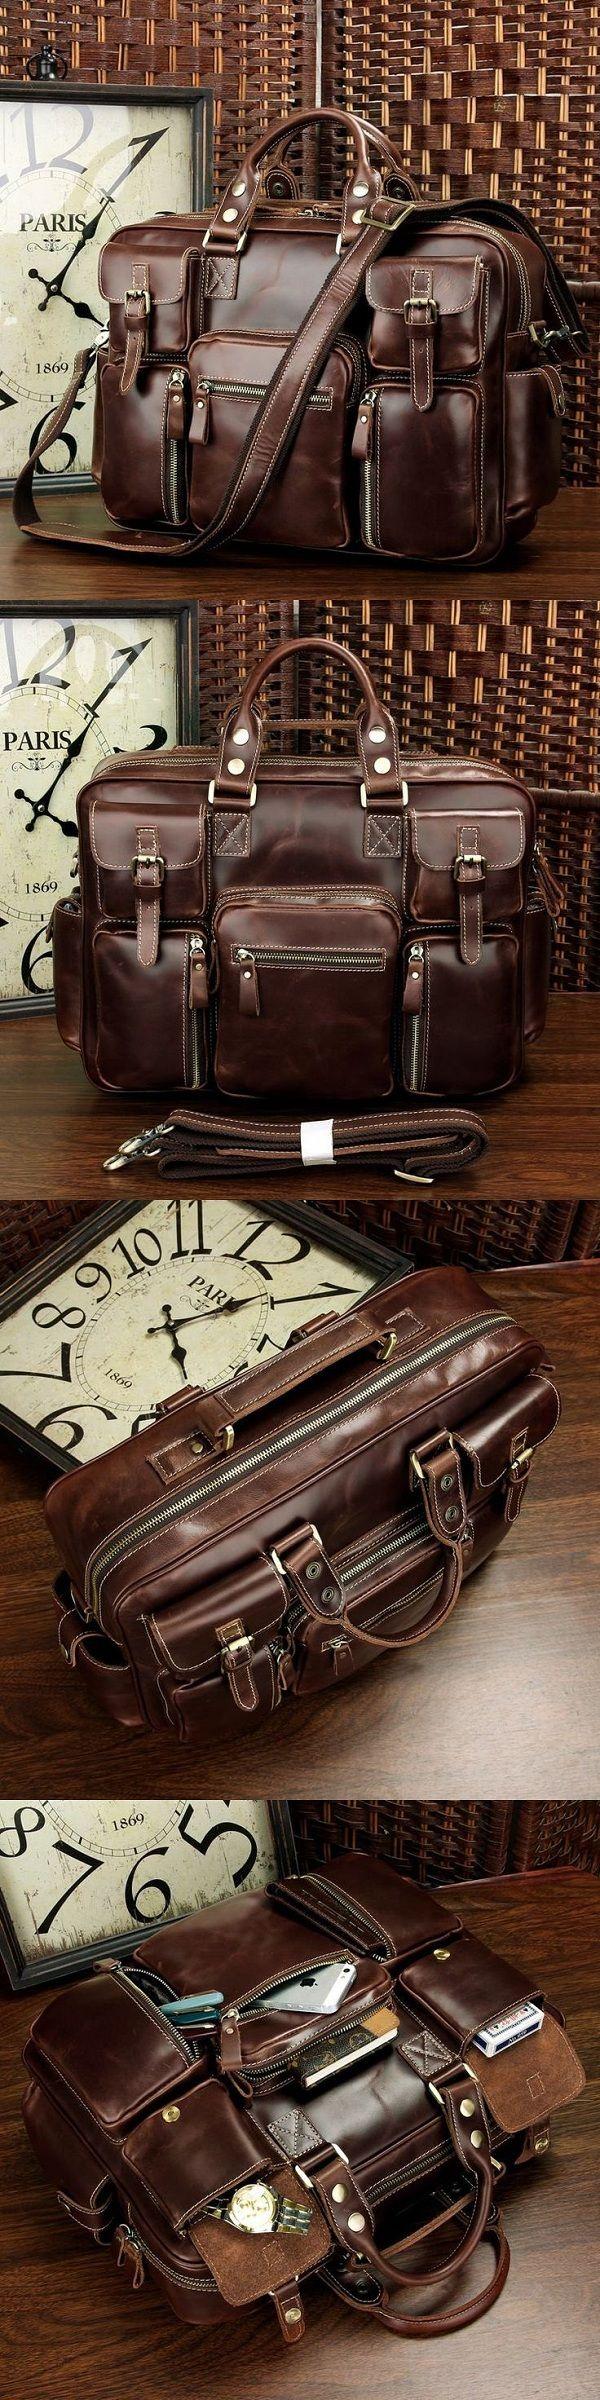 Large Handmade Superior Leather Travel Bag / Leather Messenger Bag / Overnight Bag / Duffle Bag / Weekend Bag Men Women